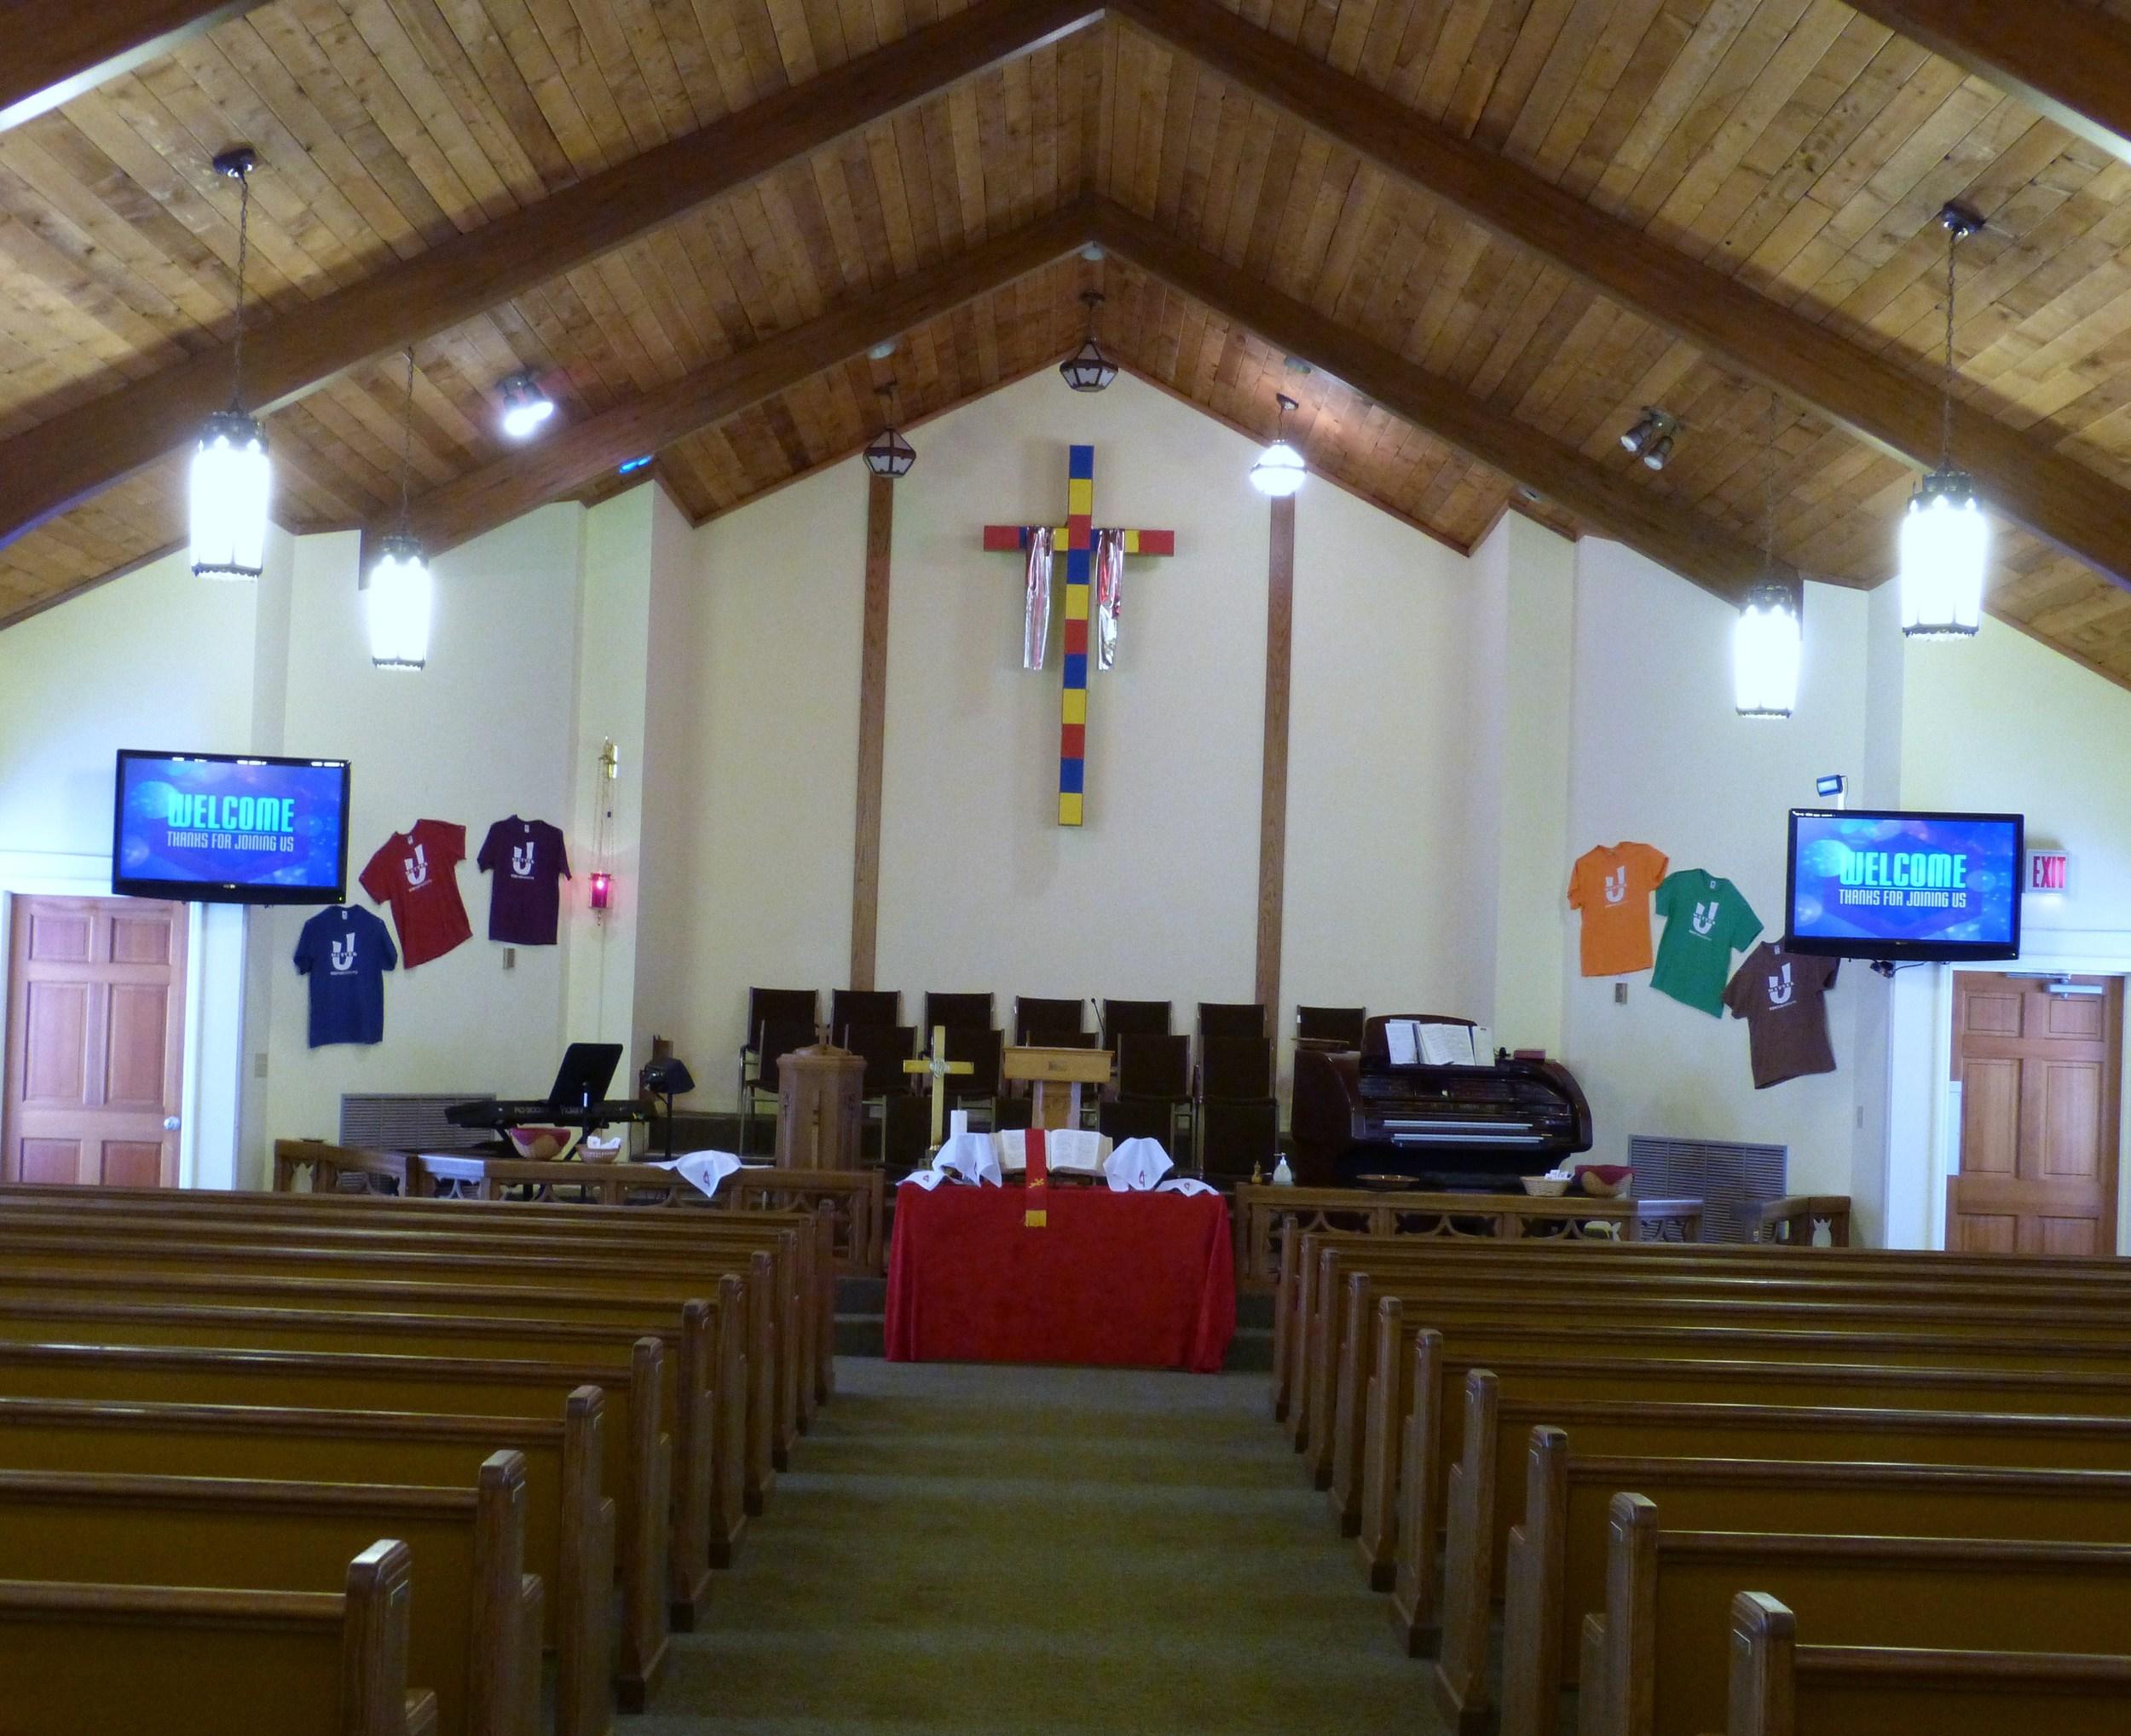 Sturm Chapel